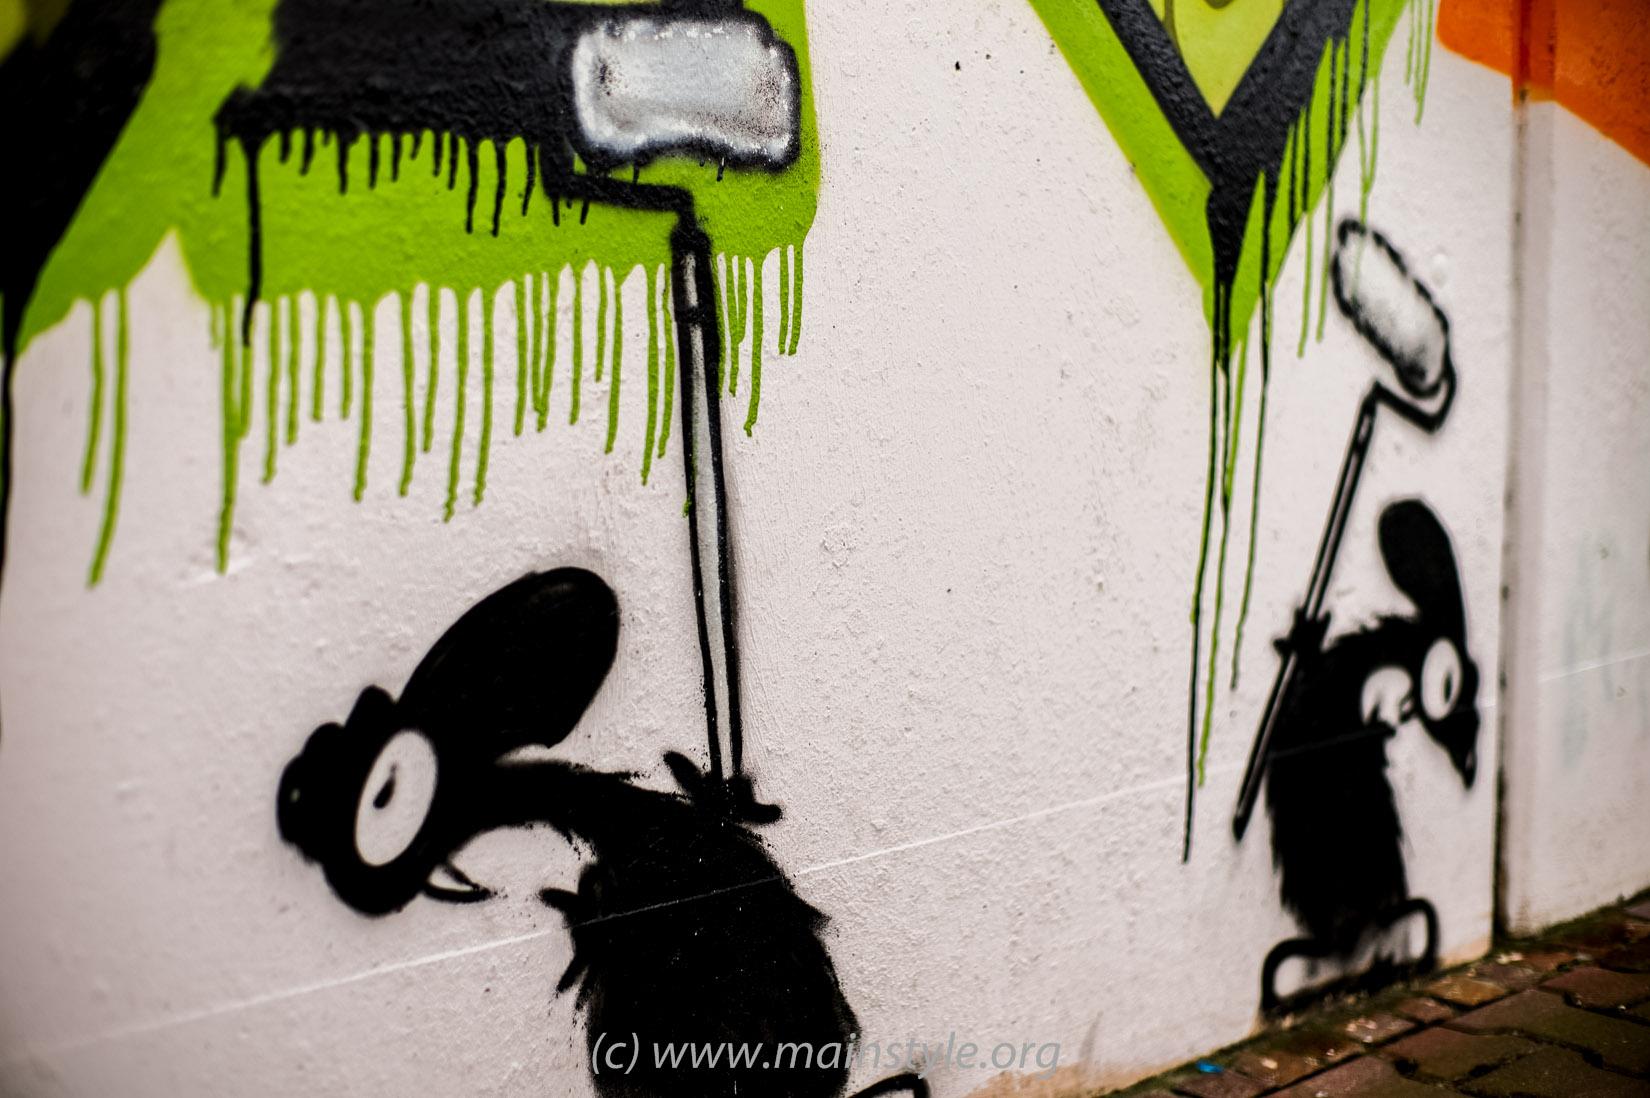 Frankfurt-Höchst_Graffiti_Süwag-Wall_2012 (25 von 35)